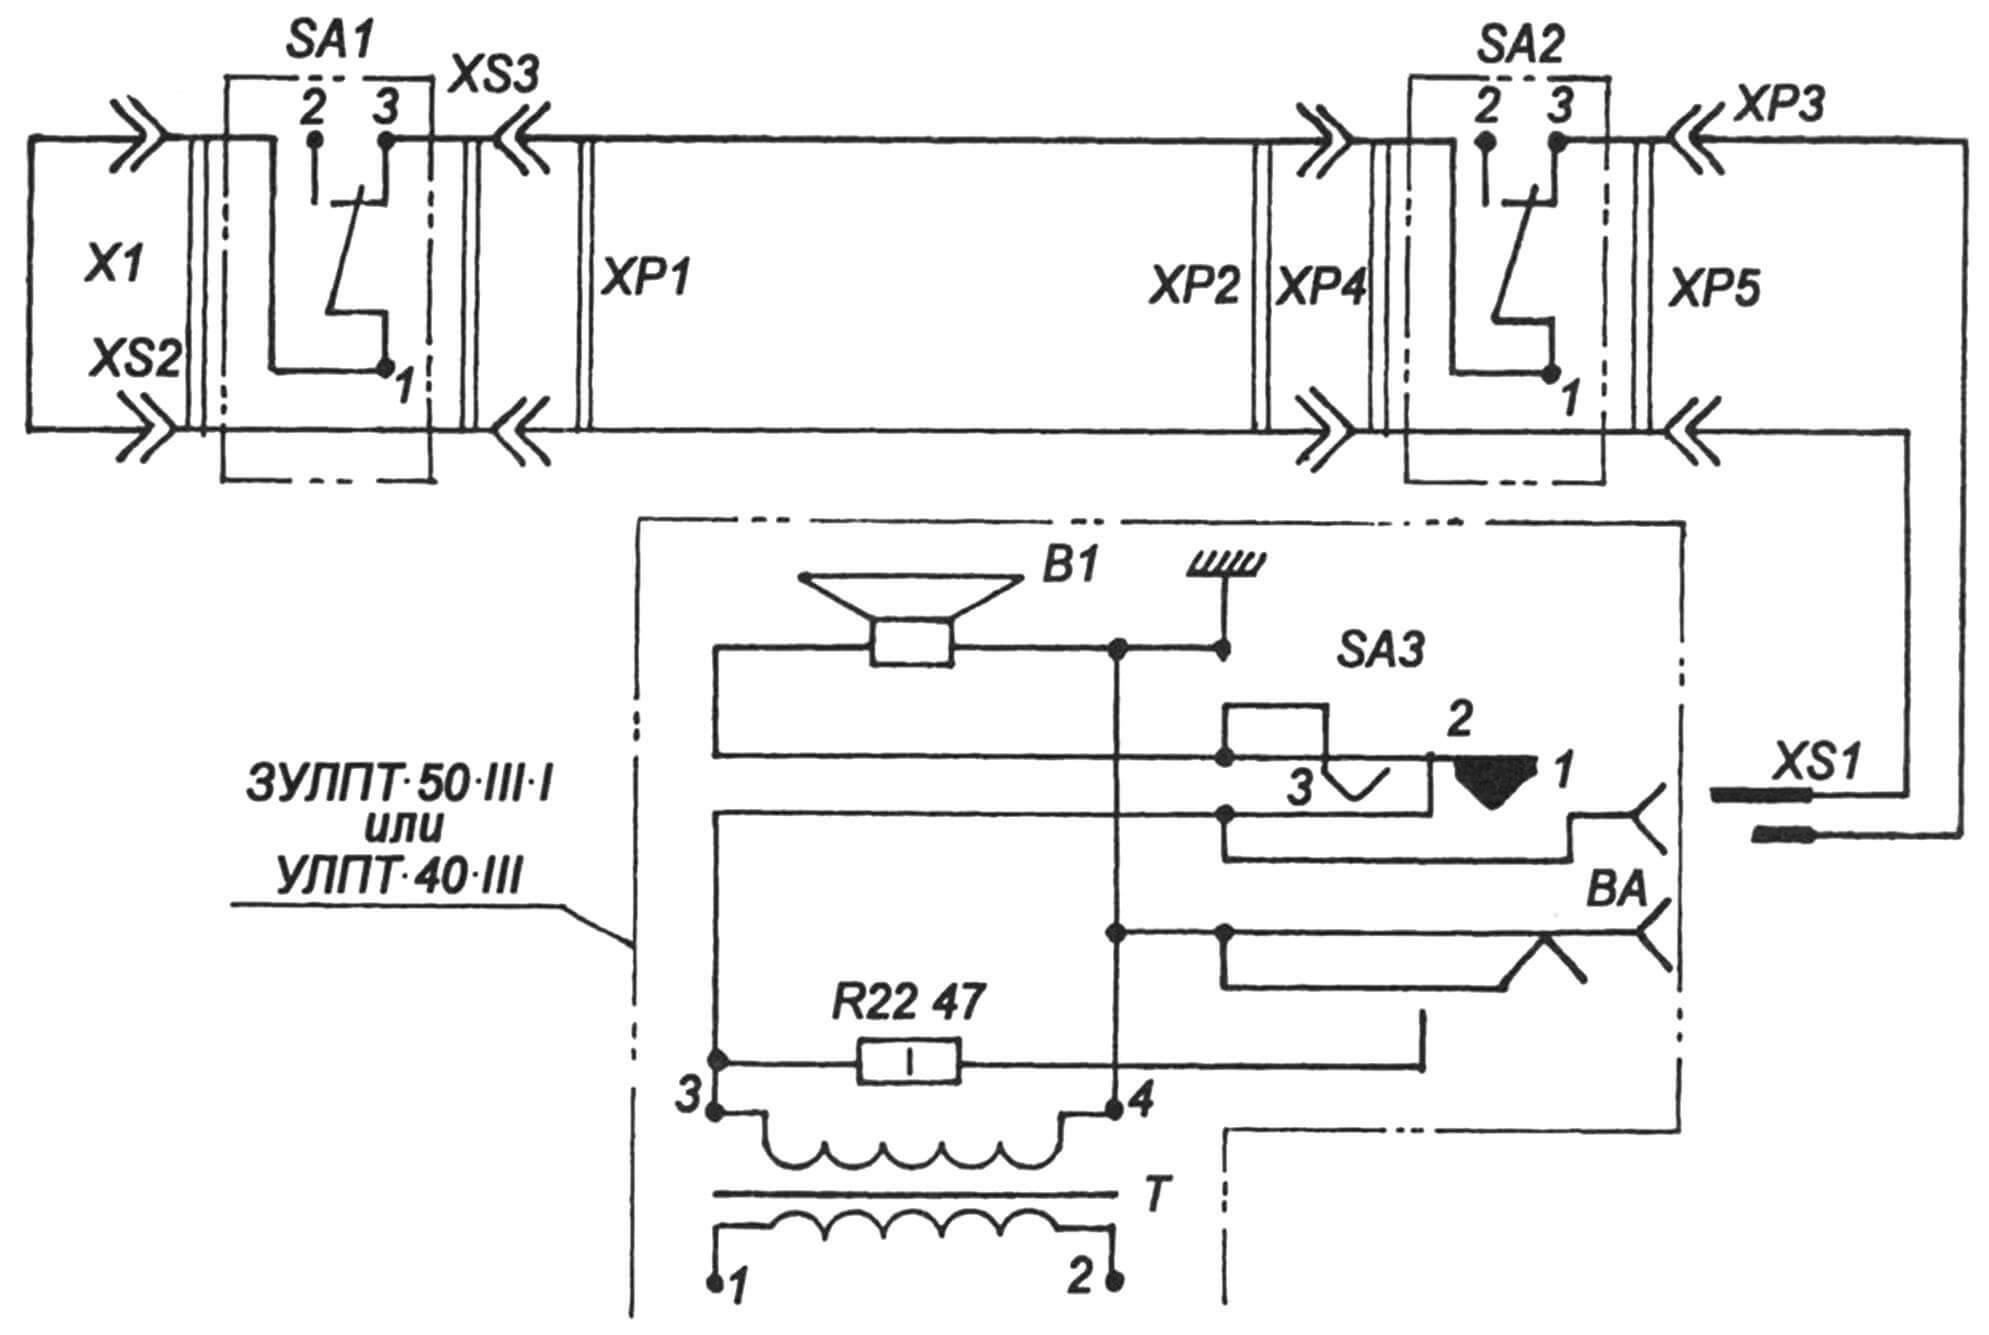 Принципиальная электрическая схема устройства дистационного отключения звука телевизионного приёмника